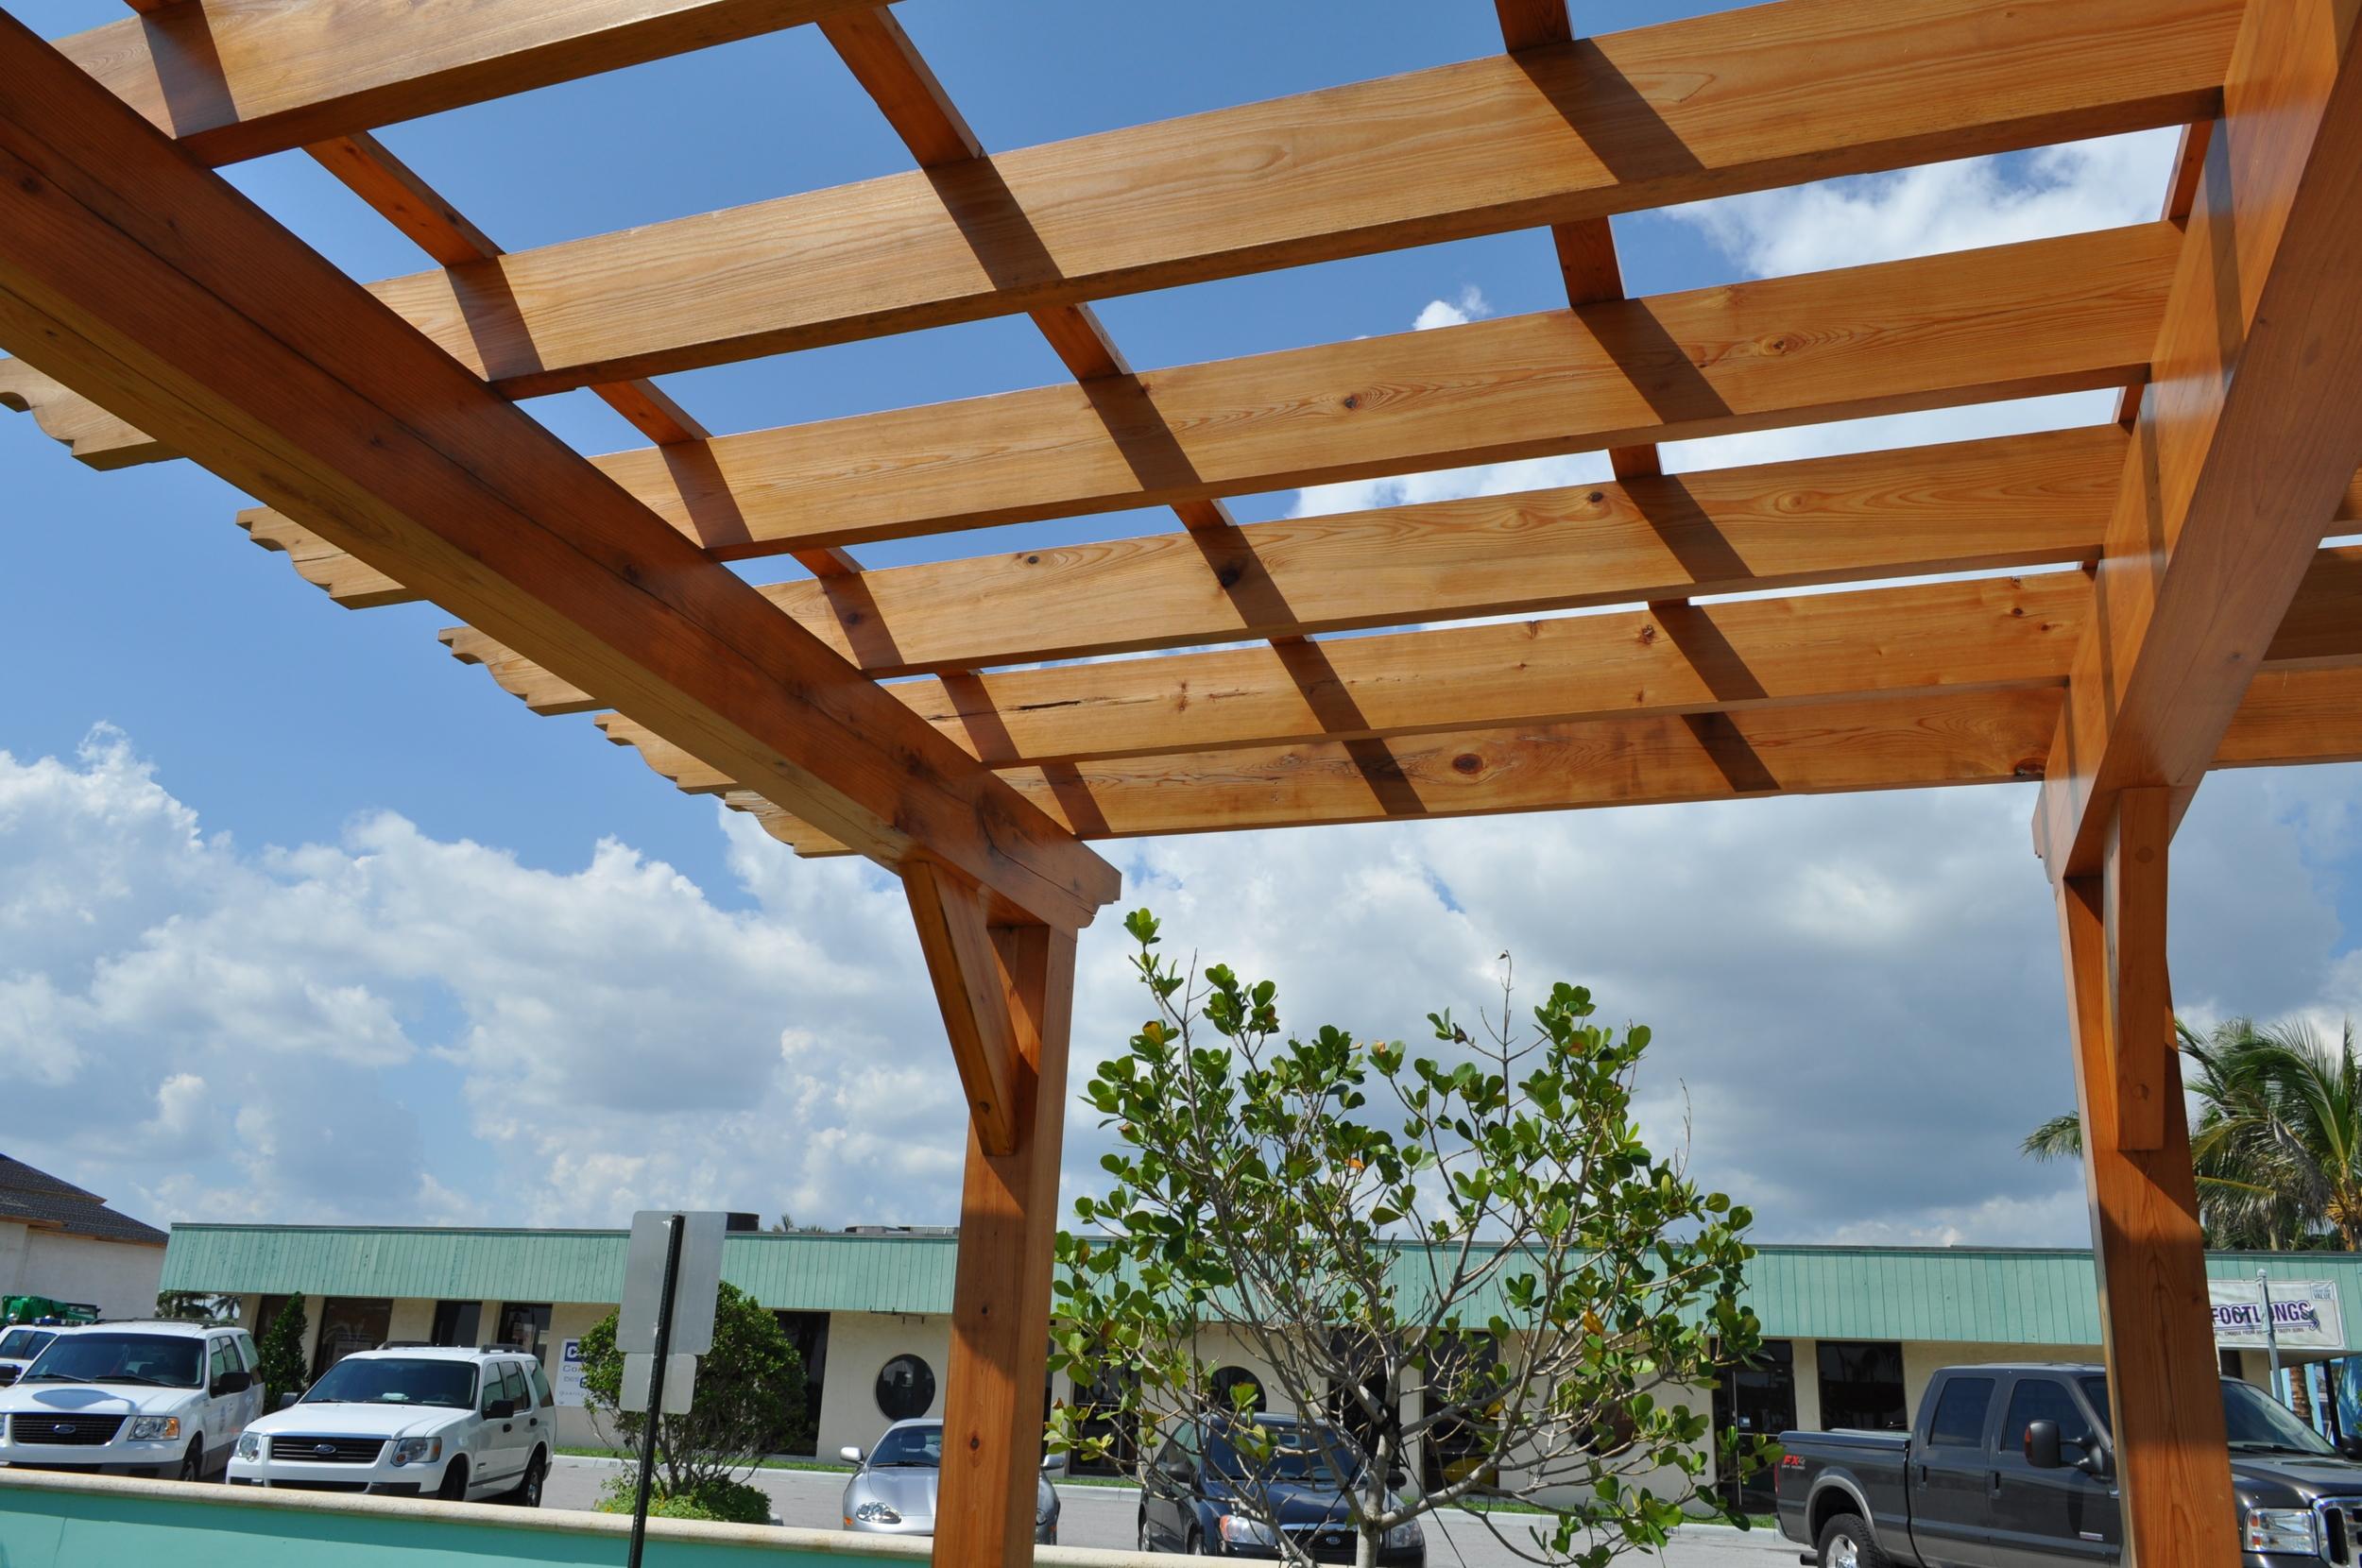 City of Riviera Beach Municipal Beach Park Ocean Mall Trells Detail.jpg